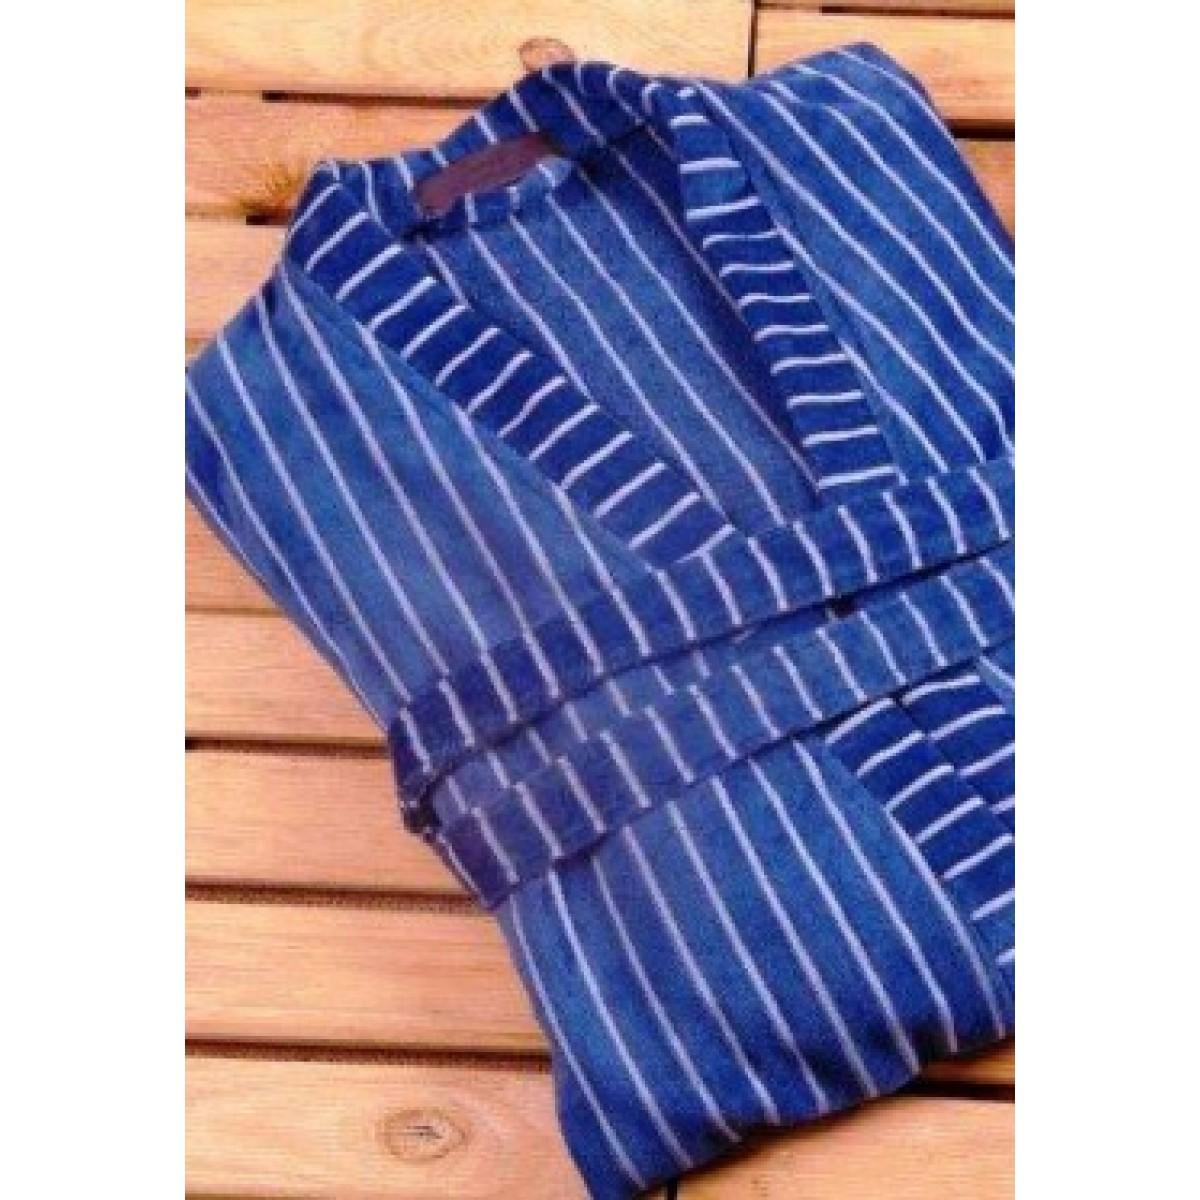 Blauwe badjas met streep